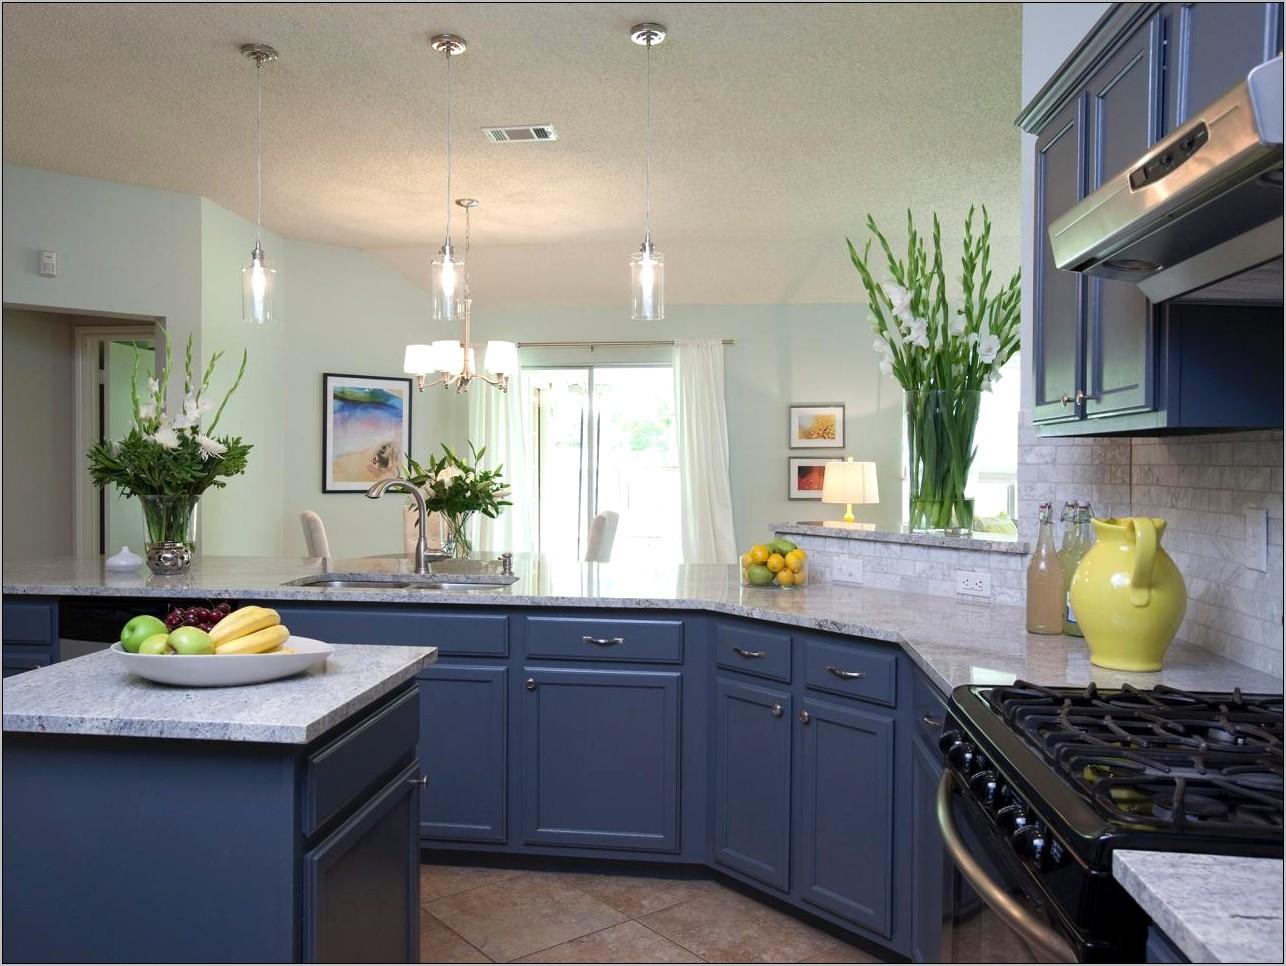 Kitchen Decorating Ideas Indigo Blue